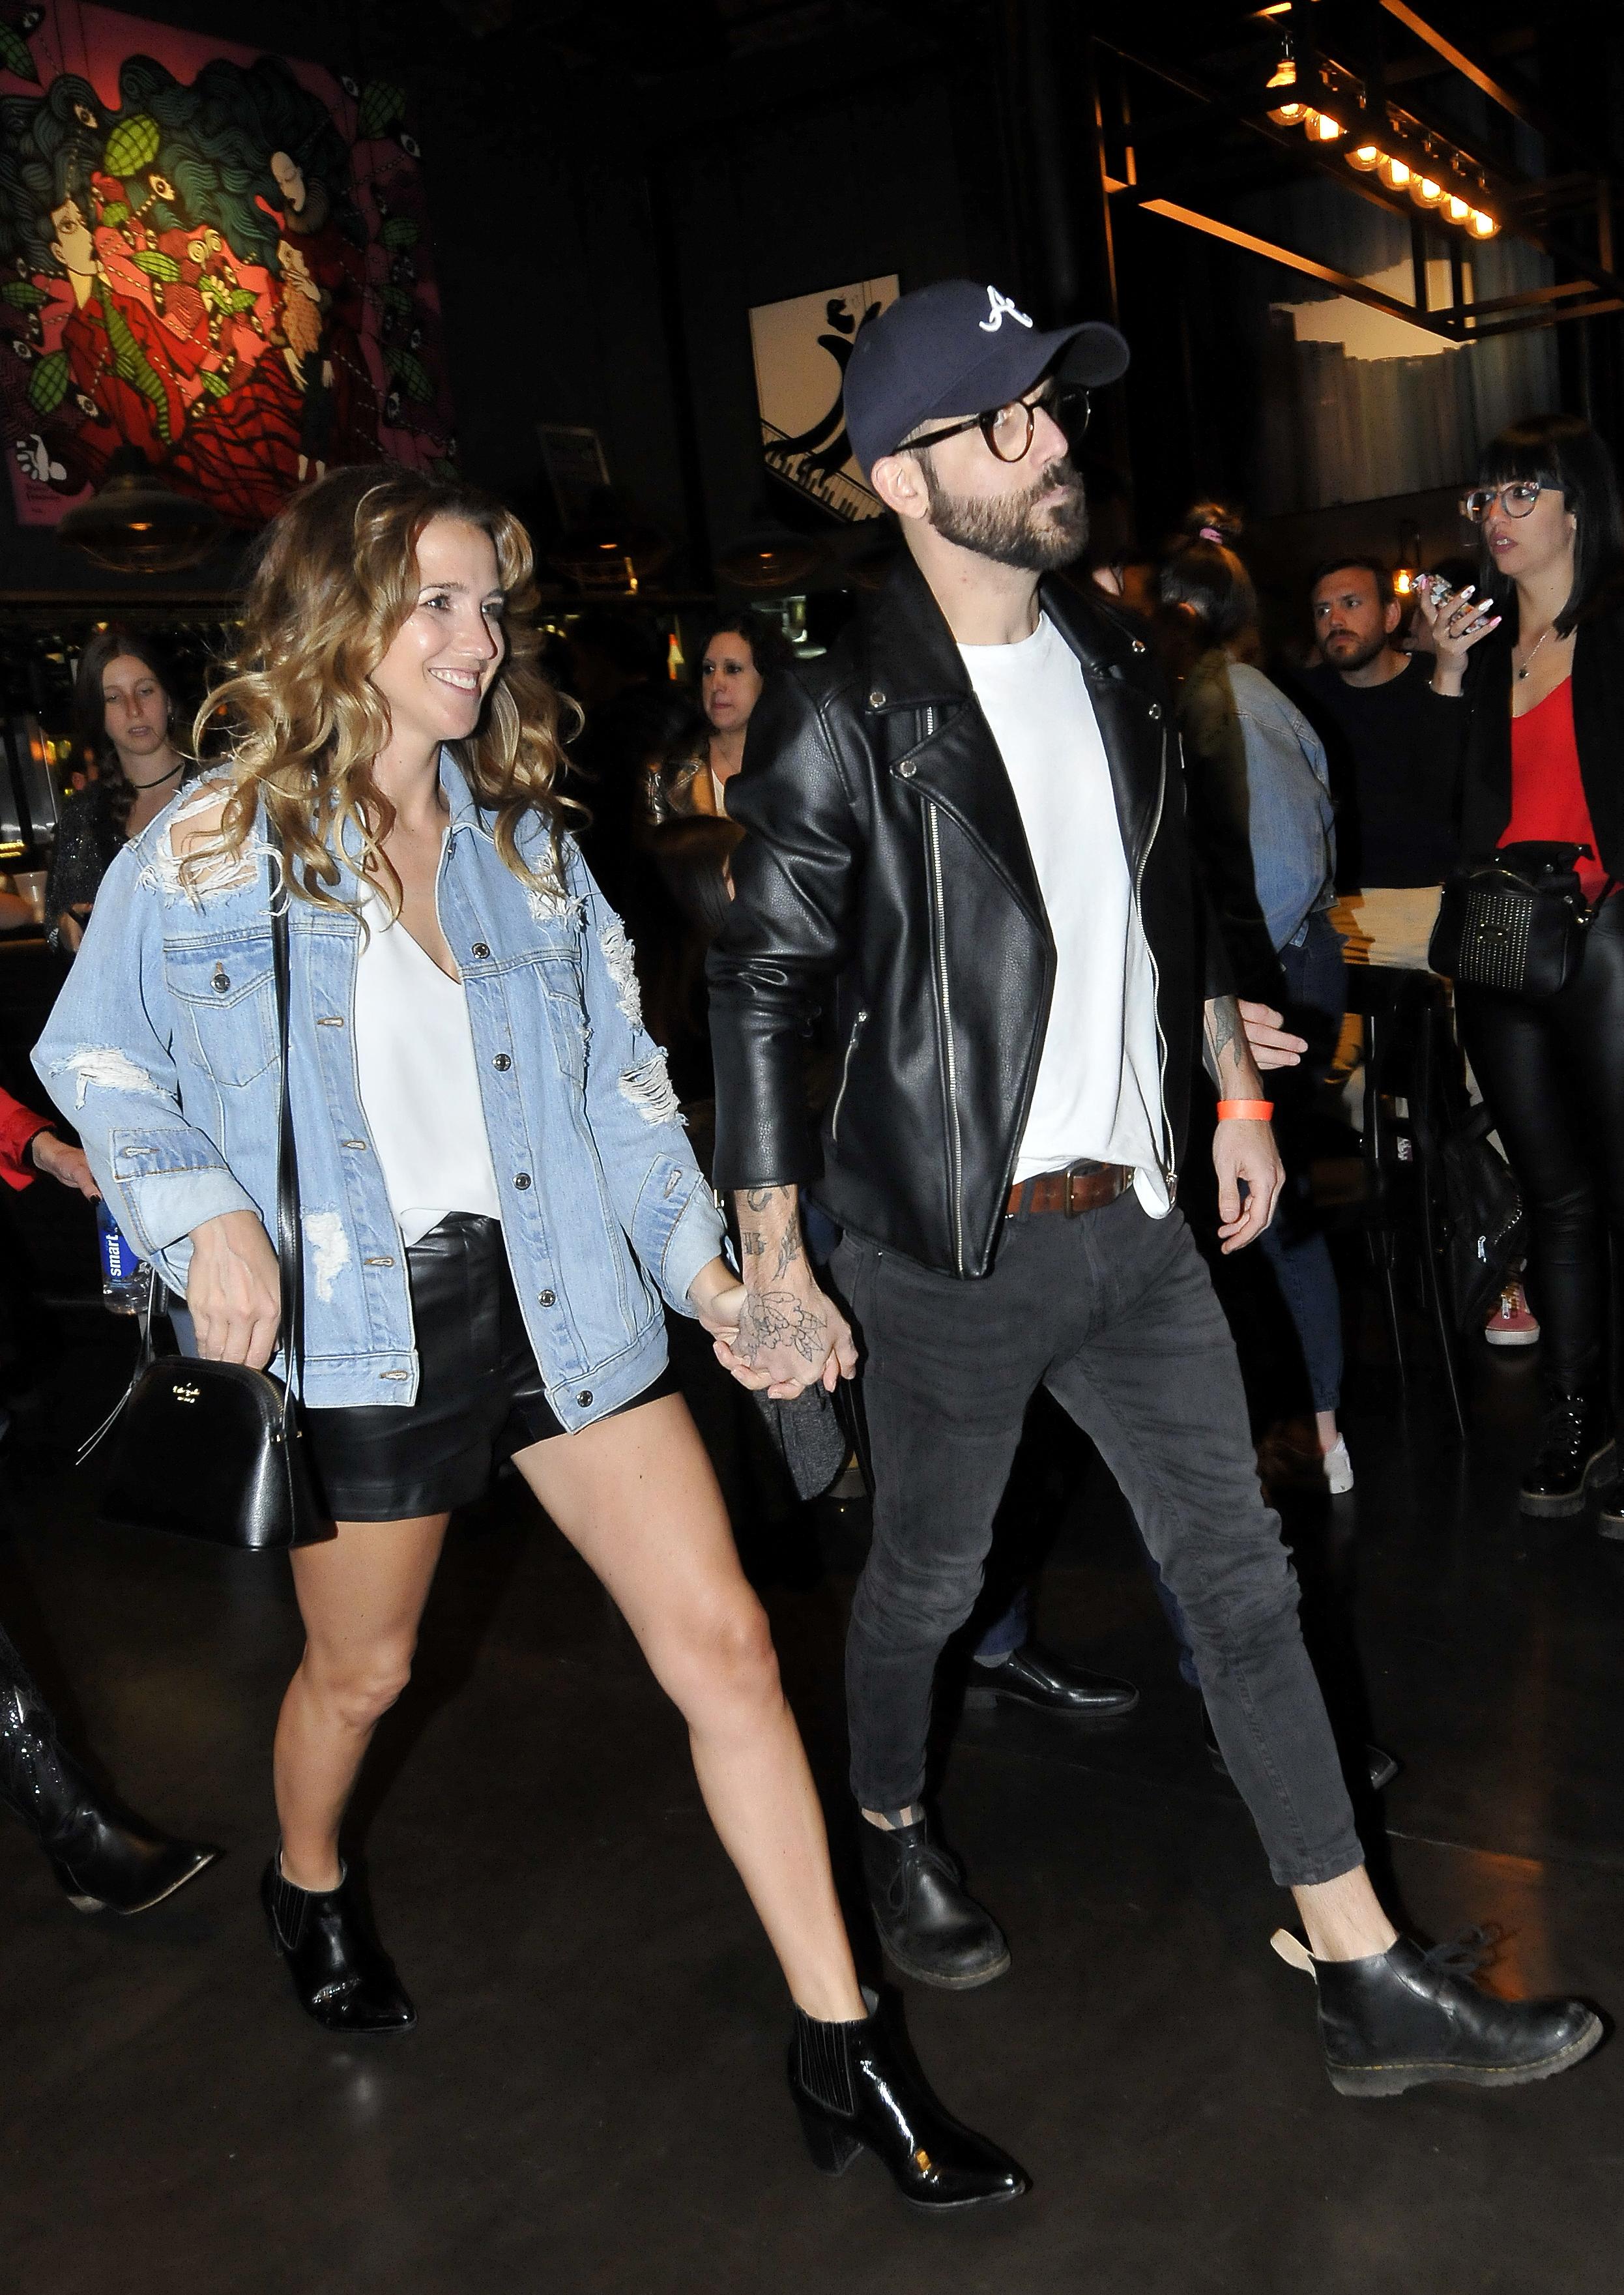 Si bien suelen evitar los eventos sociales, la actriz y el productor, que en mayo pasado blanquearon su romance, dijeron presente en el show de Amadeo y se mostraron muy enamorados